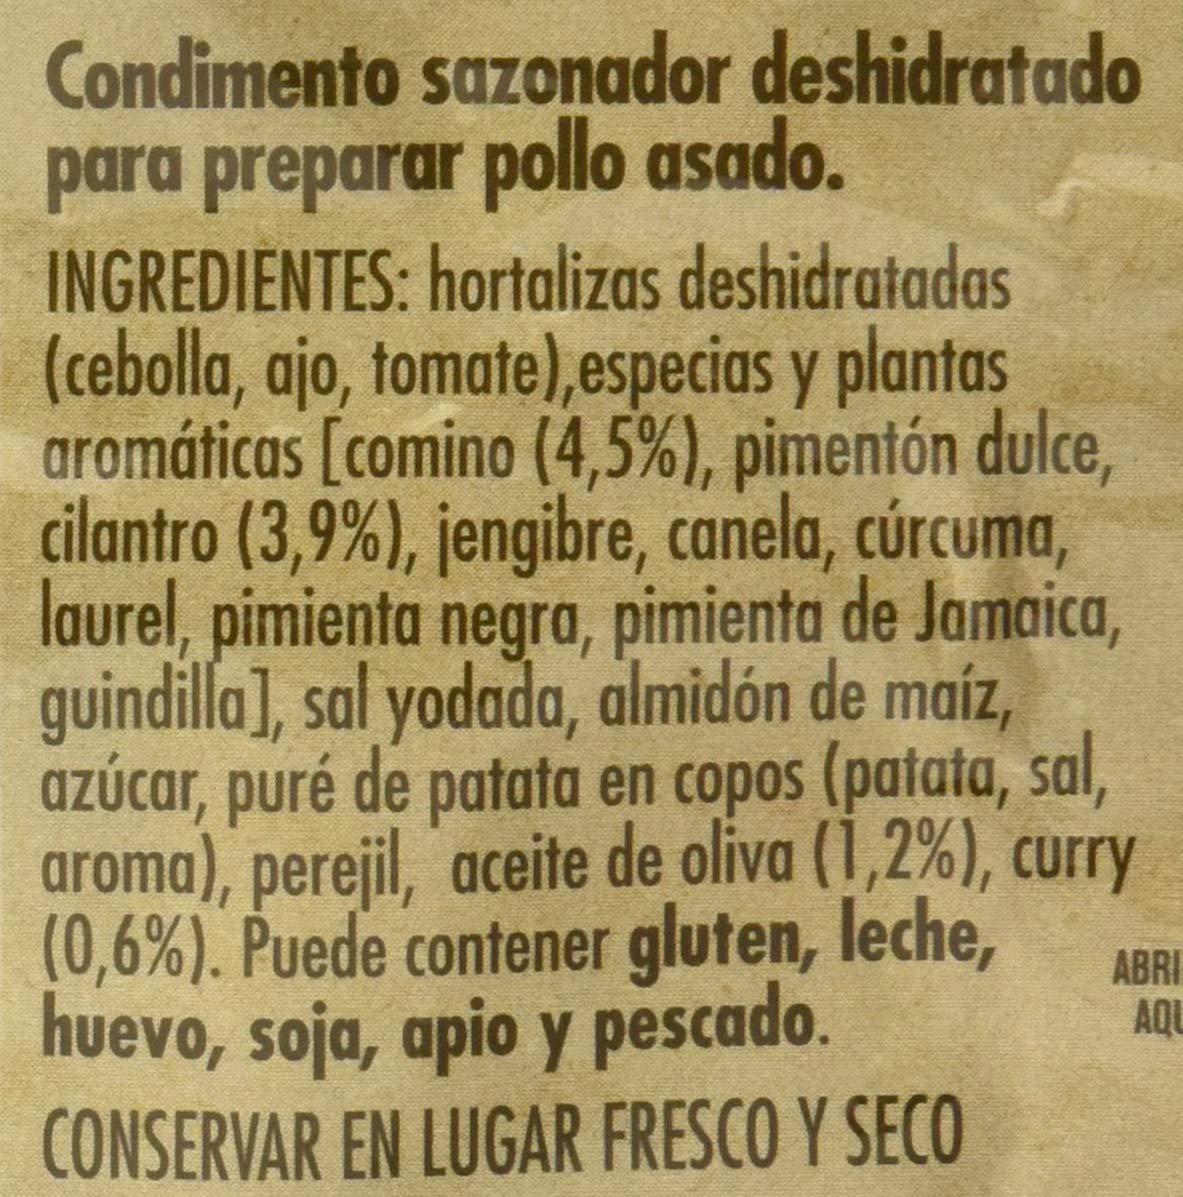 Maggi Jugoso al Horno Receta Marroquí - 1 Bolsa para Horno con Condimentos - Pack de 8x38g: Amazon.es: Alimentación y bebidas